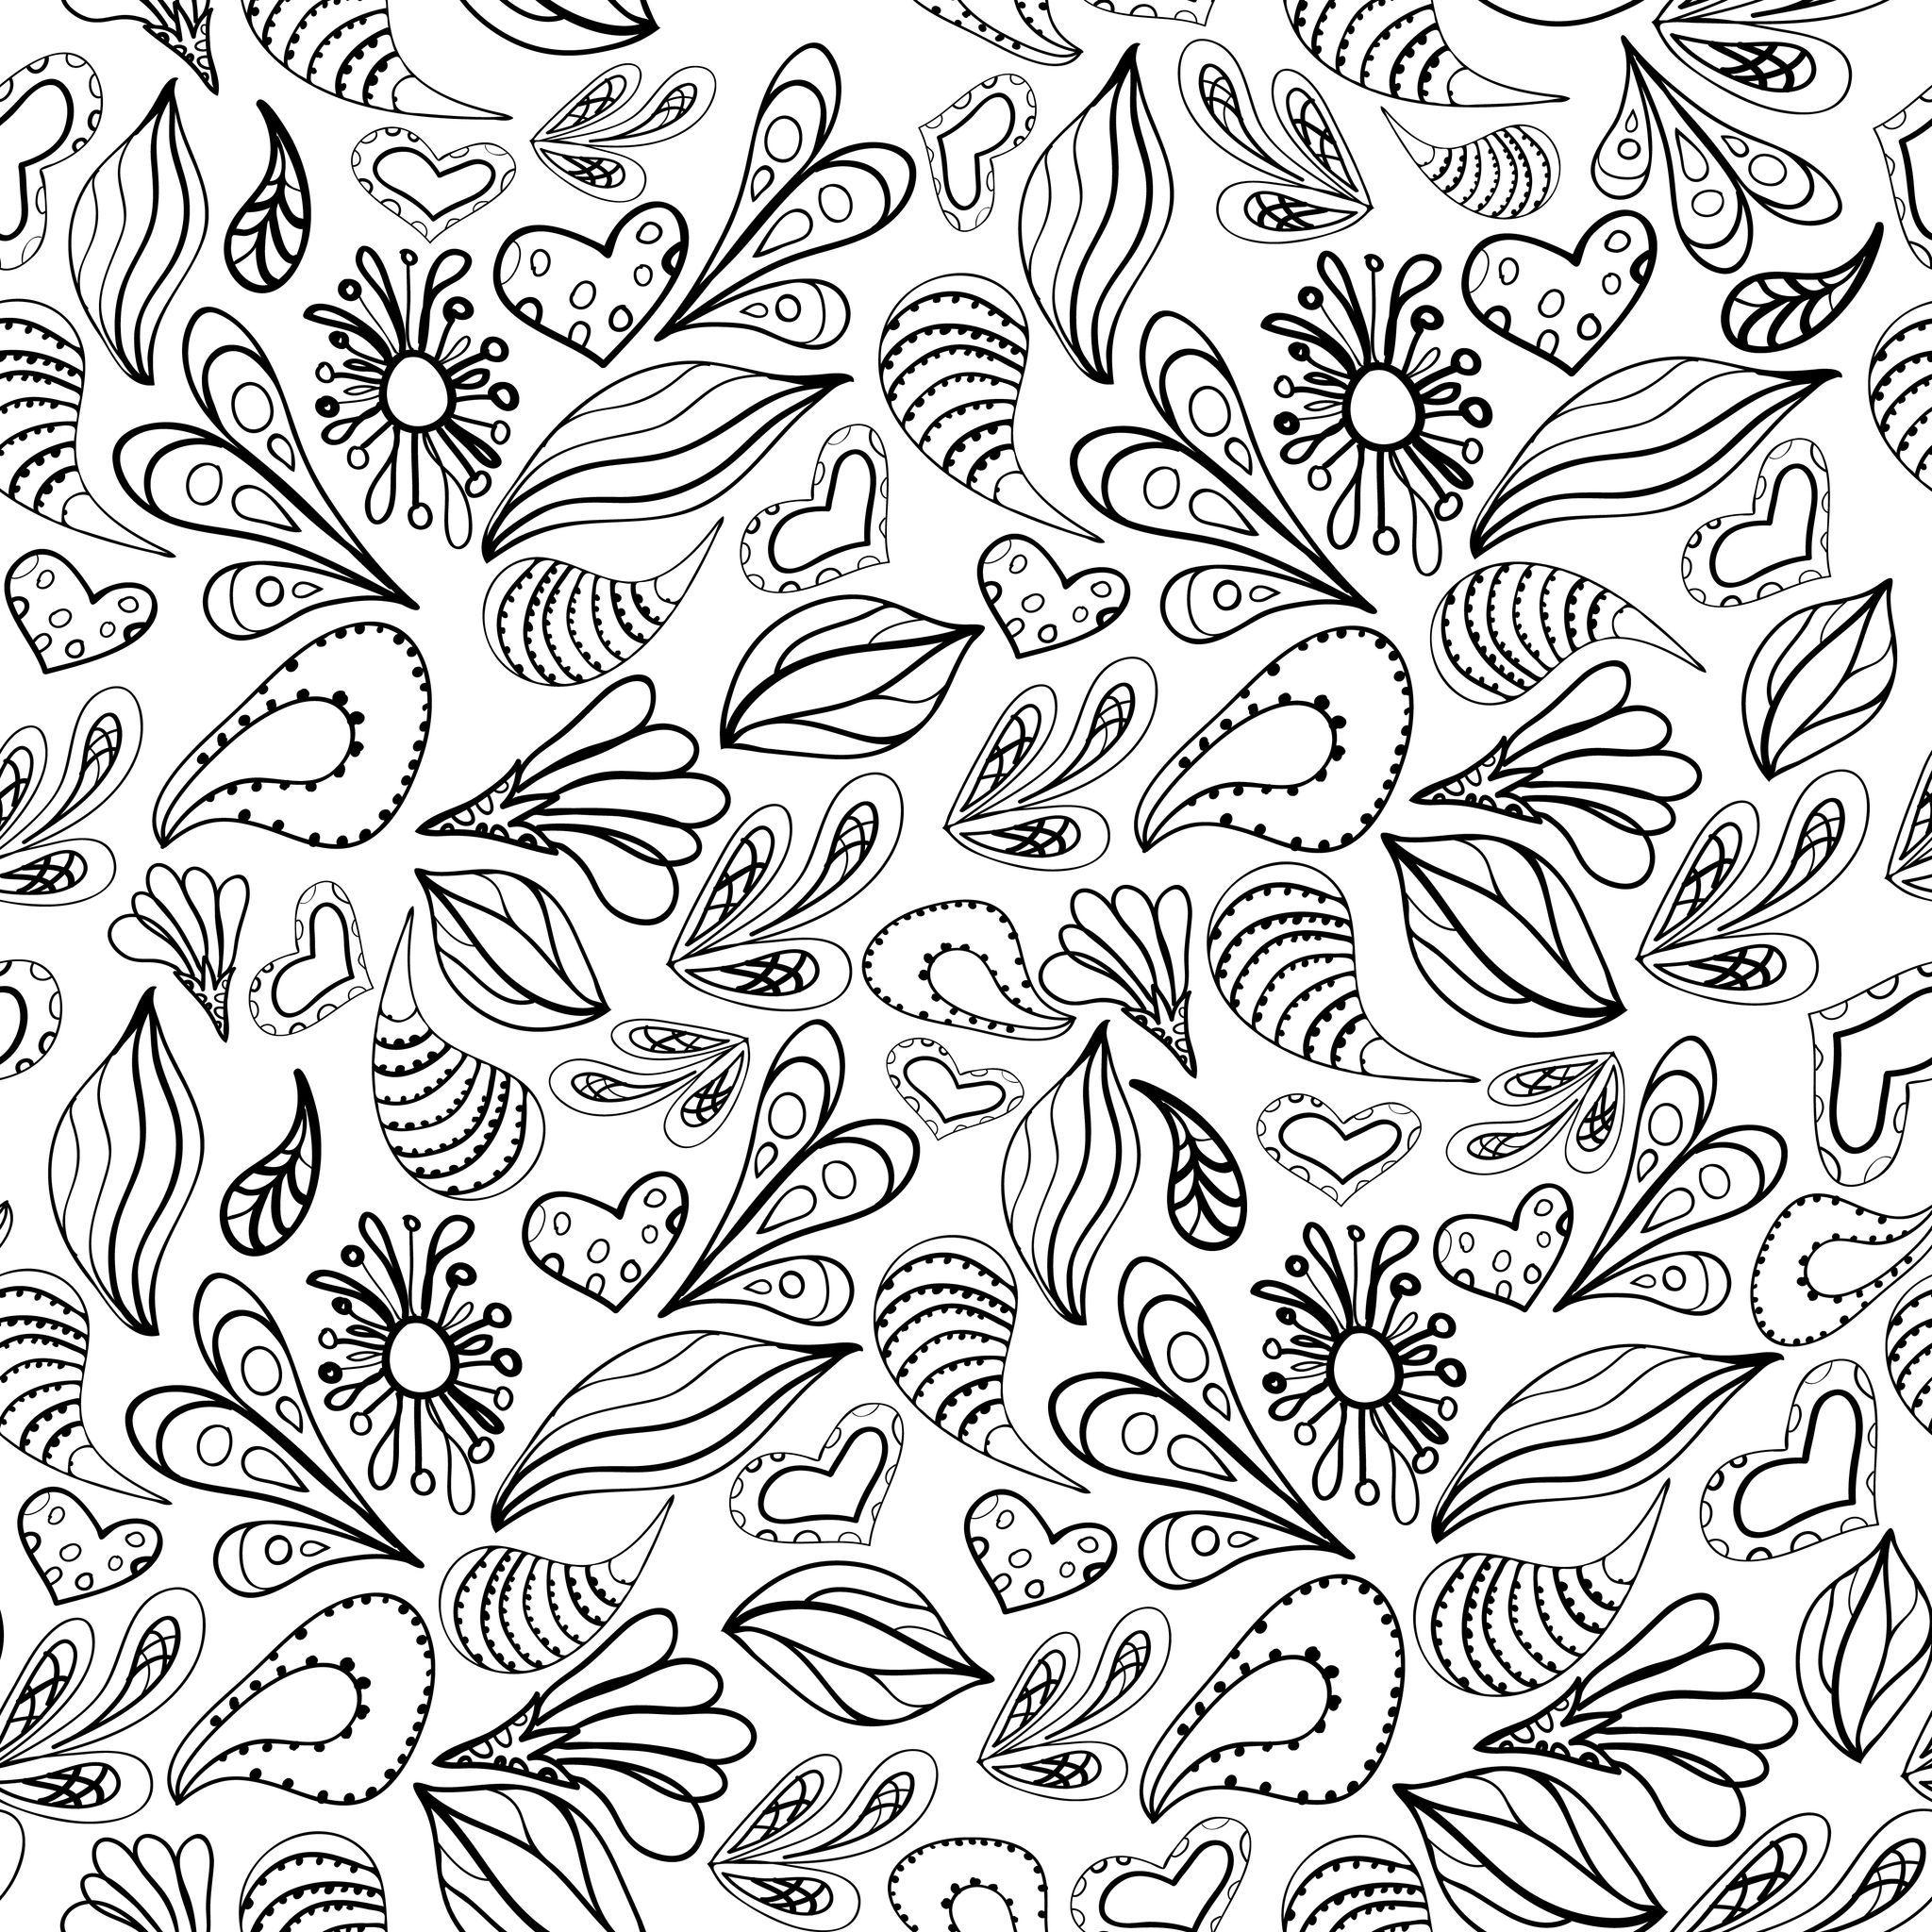 Coloriage Anti Stress Automne.Coloriage Anti Stress De Coeurs Et Petales Coloriages